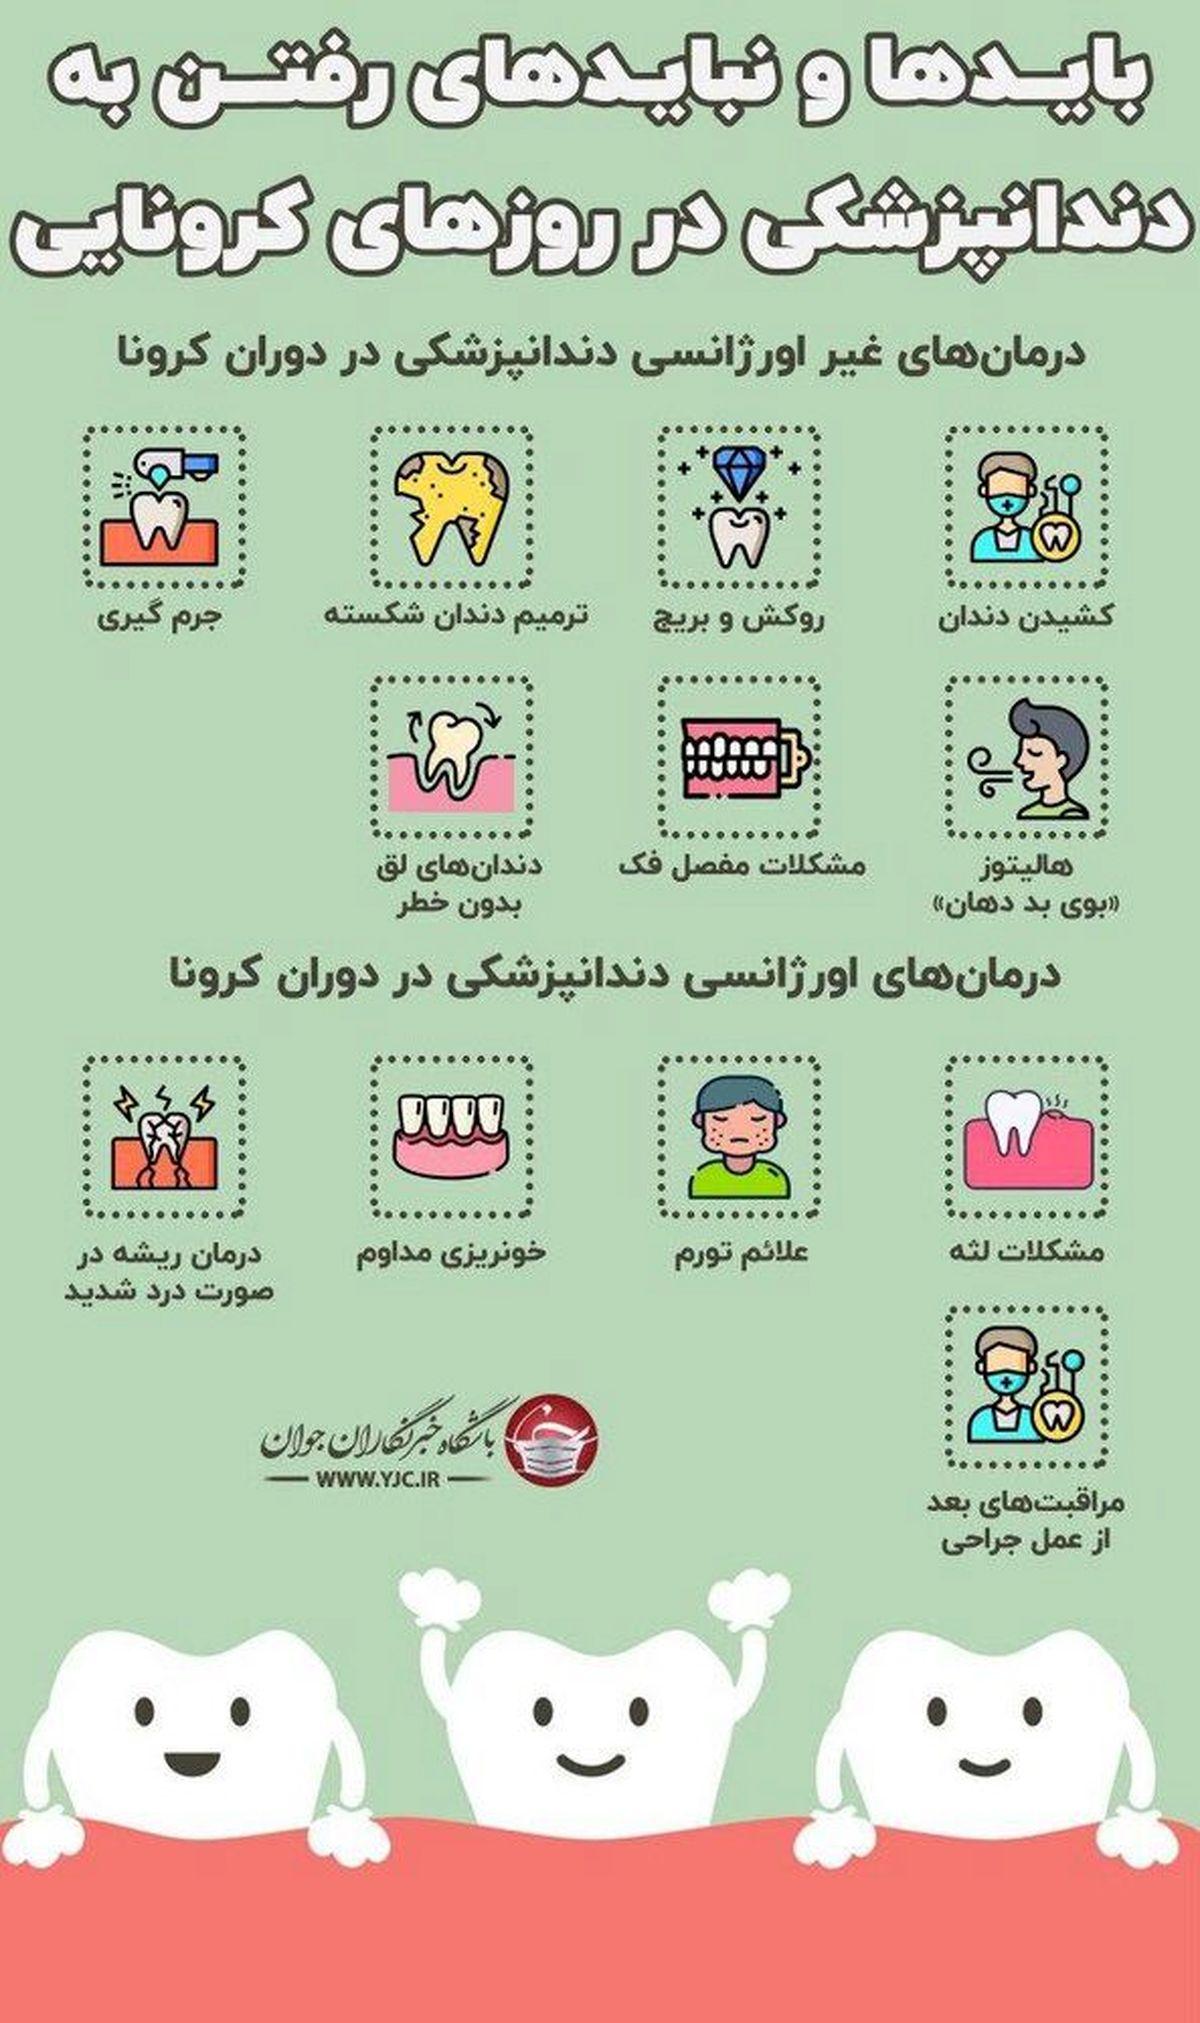 جلوگیری از انتقال کرونا در دندانپزشکی